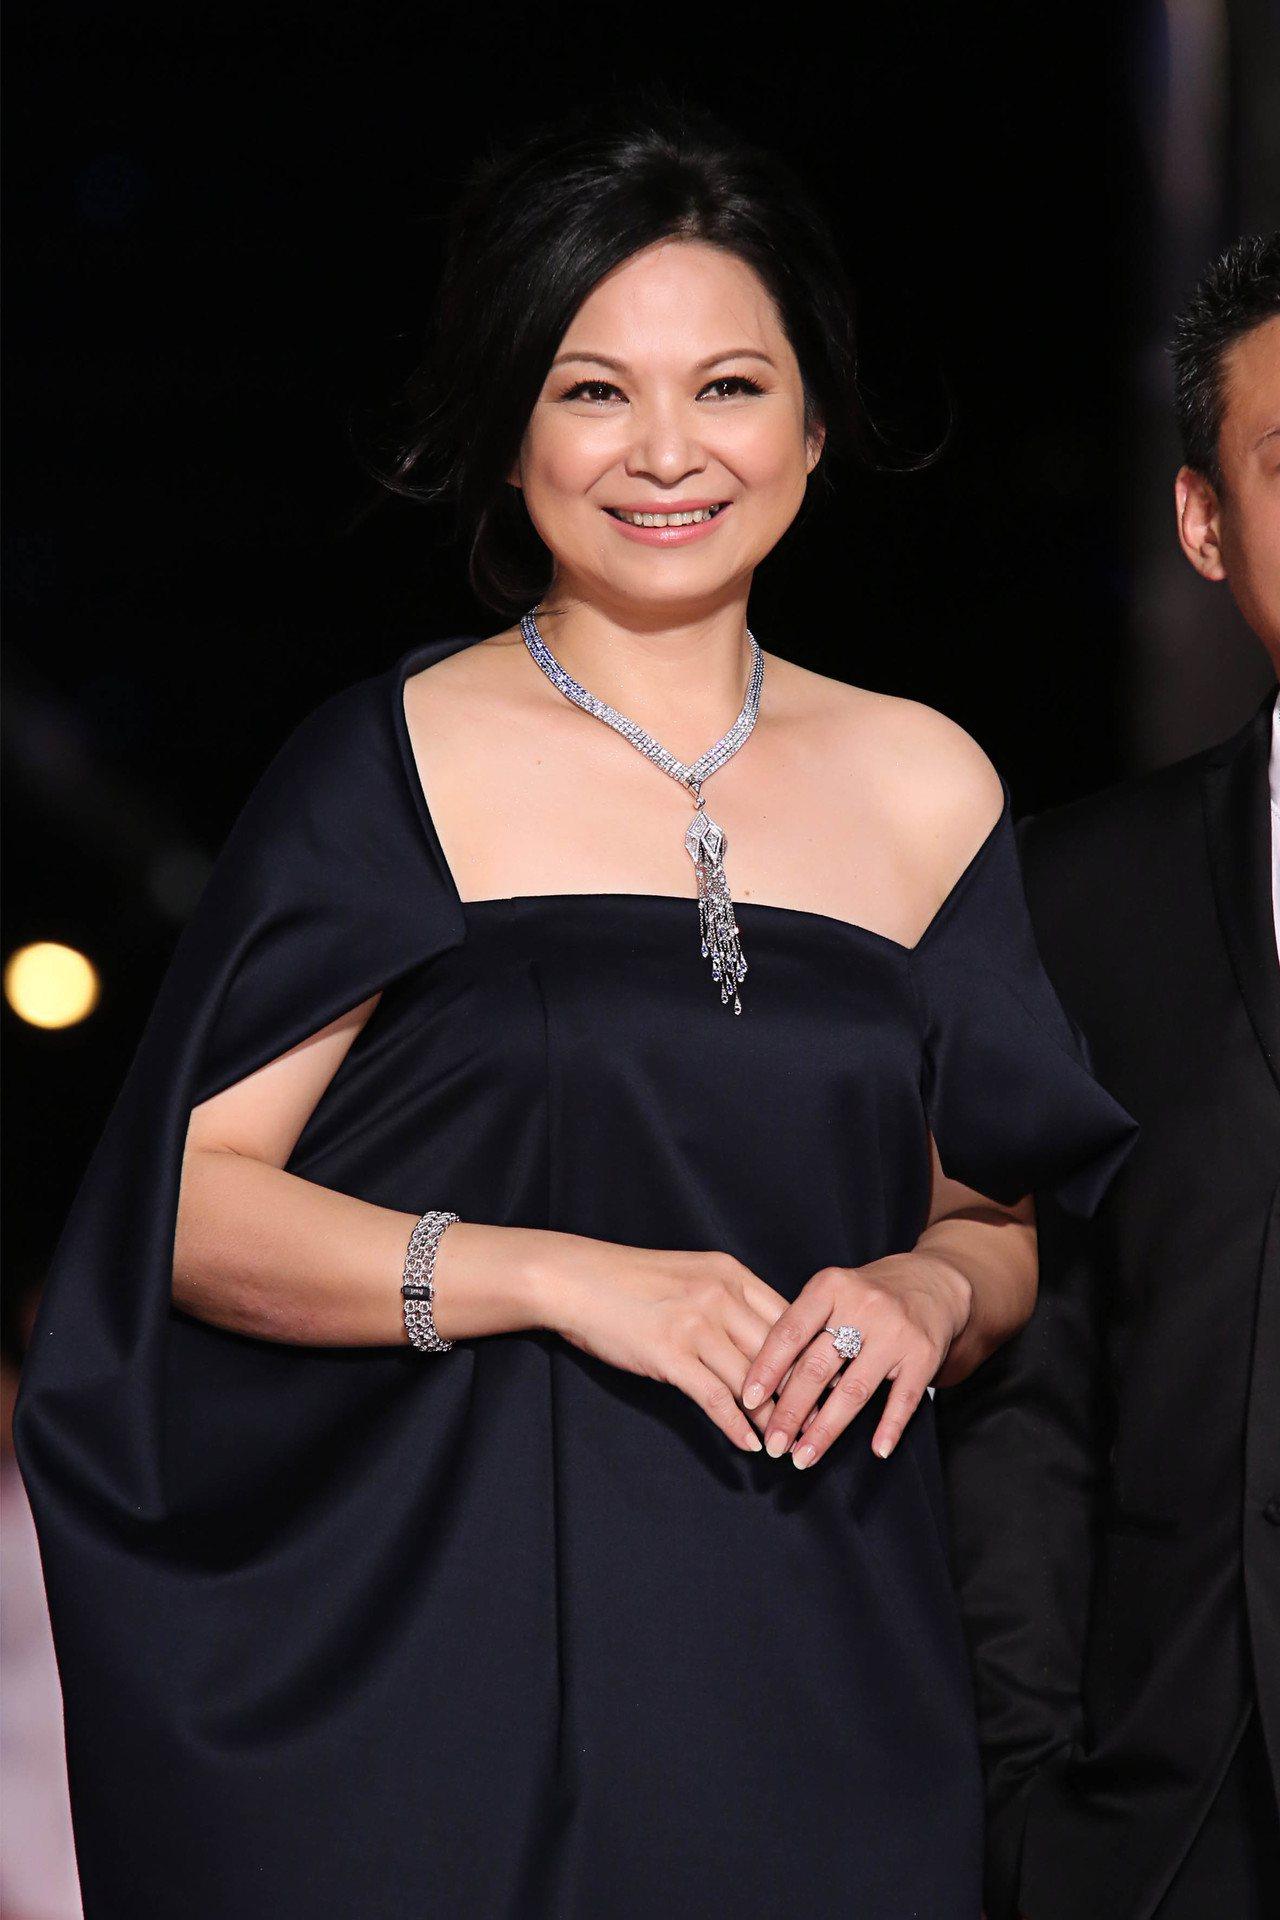 影后楊貴媚配戴伯爵珠寶出席「第50屆金馬獎」。圖/伯爵提供